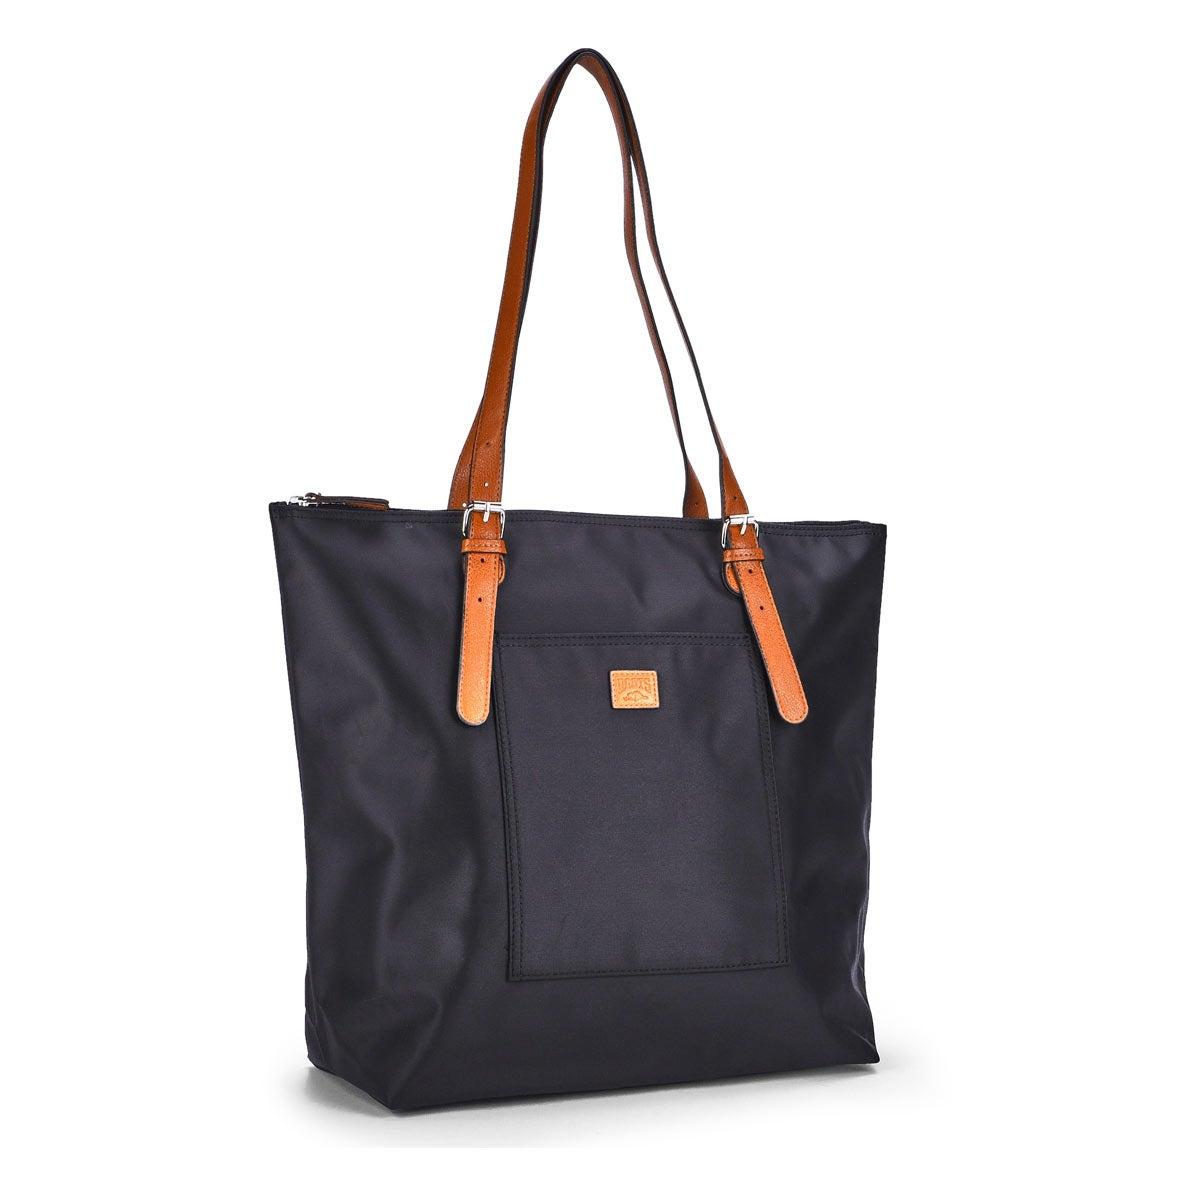 12562cabb71 Women's R4324 black 2 in 1 tote/crossbody bag